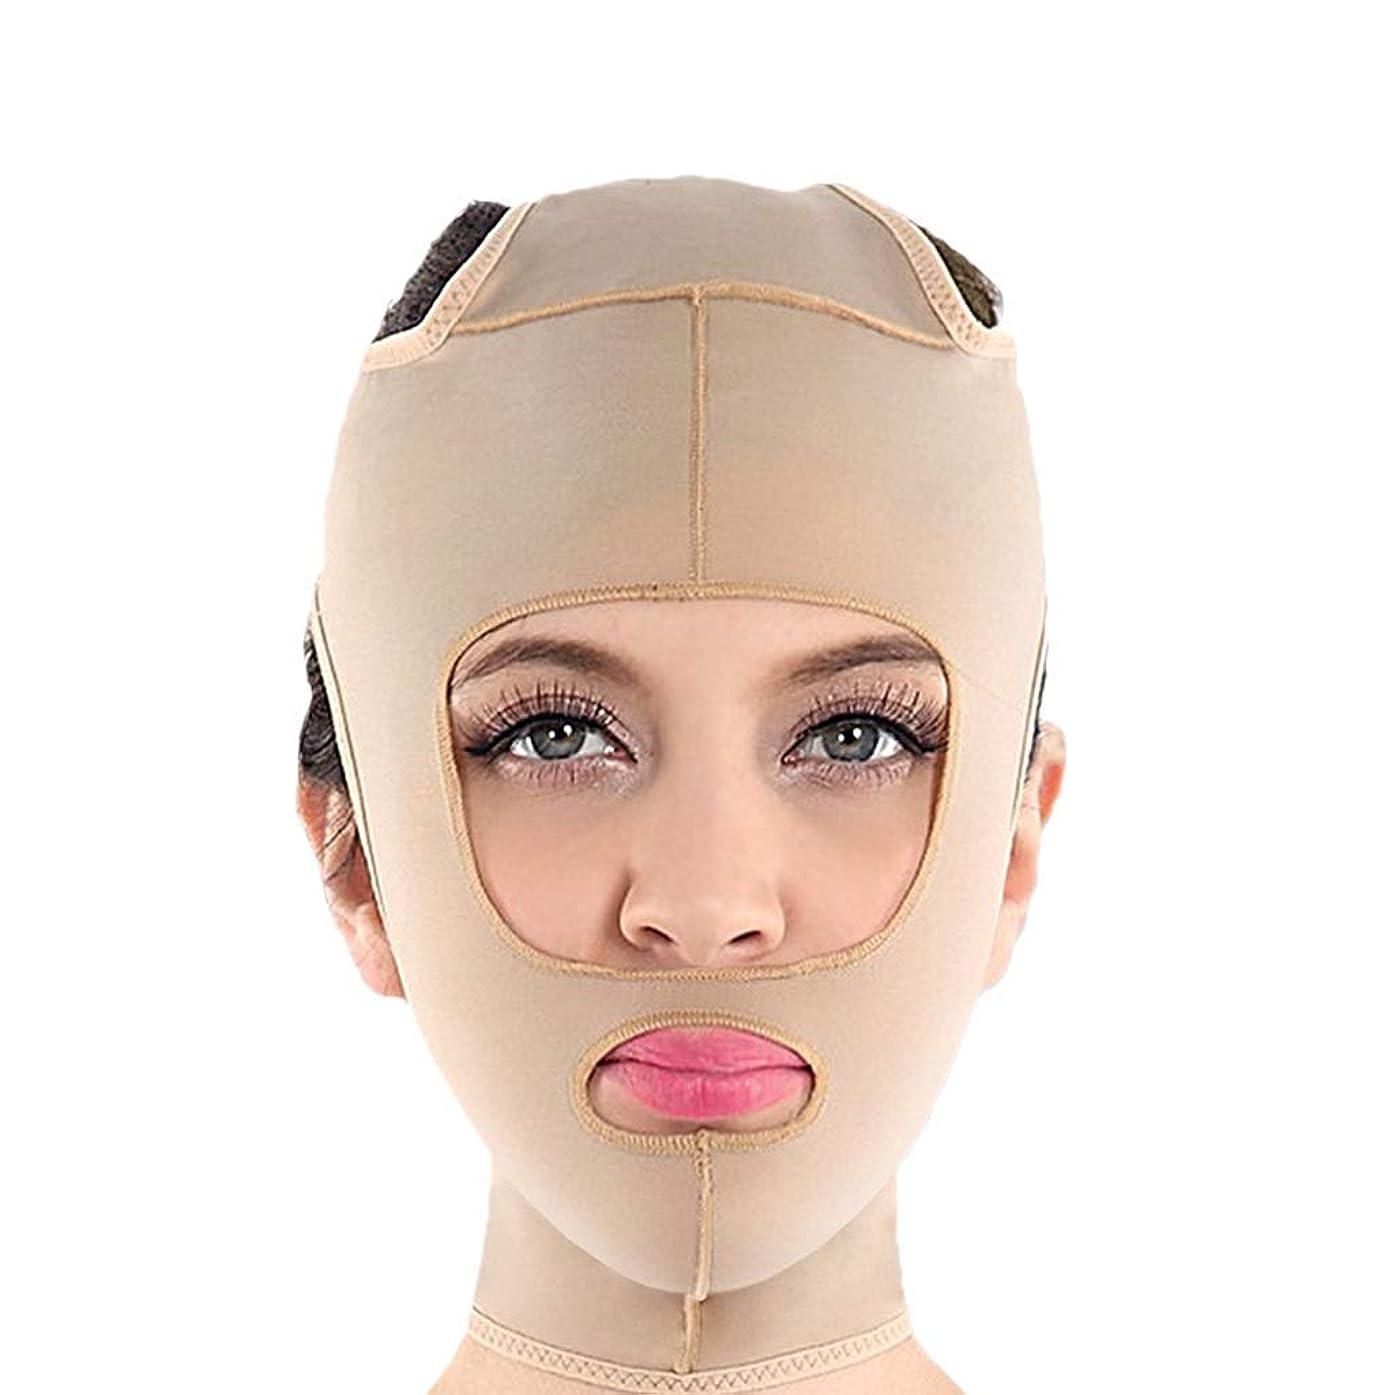 はっきりと賛美歌暗唱するフェイスリフティング、ダブルチンストラップ、フェイシャル減量マスク、ダブルチンを減らすリフティングヌードル、ファーミングフェイス、パワフルリフティングマスク(サイズ:M),M